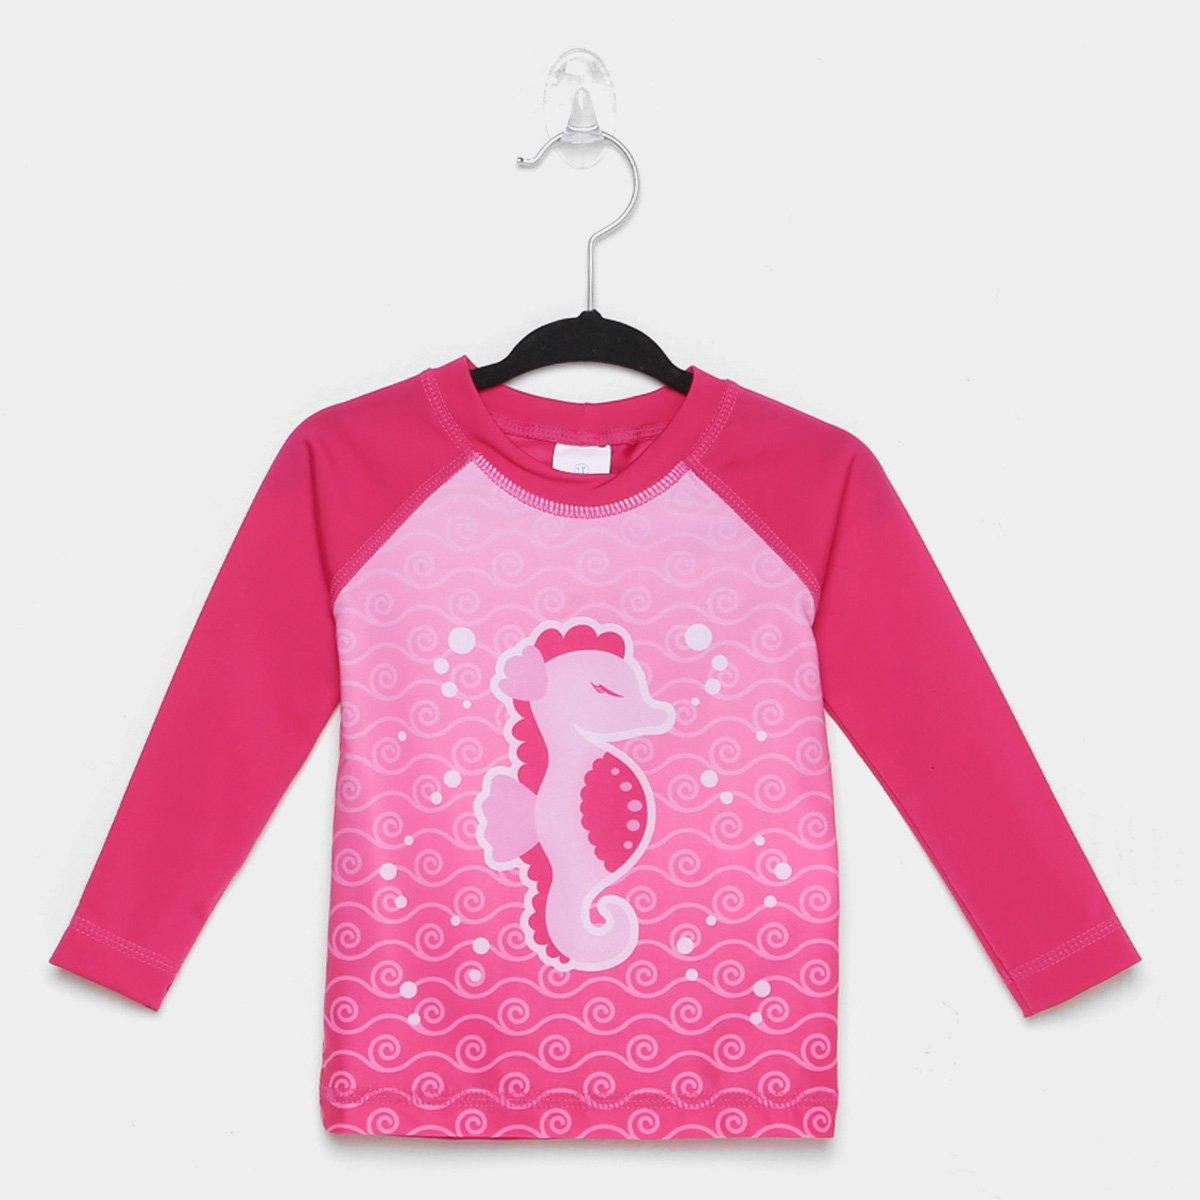 Camiseta Bebê Tip Top Praia Cavalo Marinho Manga Longa Feminina